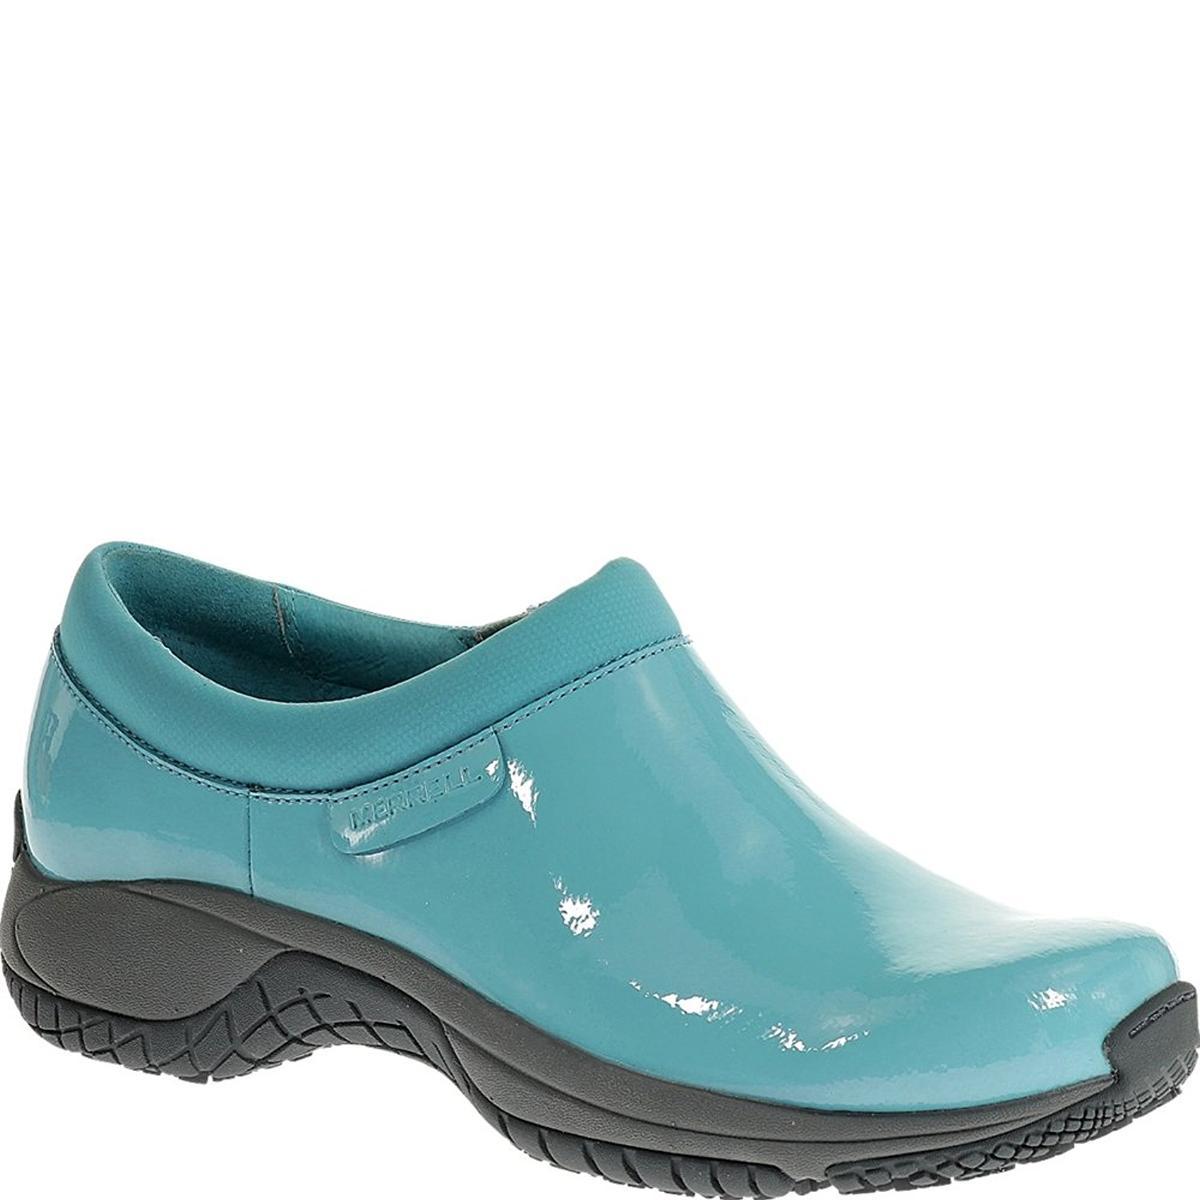 1aabf44c Details about Merrell Women's Encore Moc Pro Shine Slip-Resistant Maui Blue  Work Shoe 5M